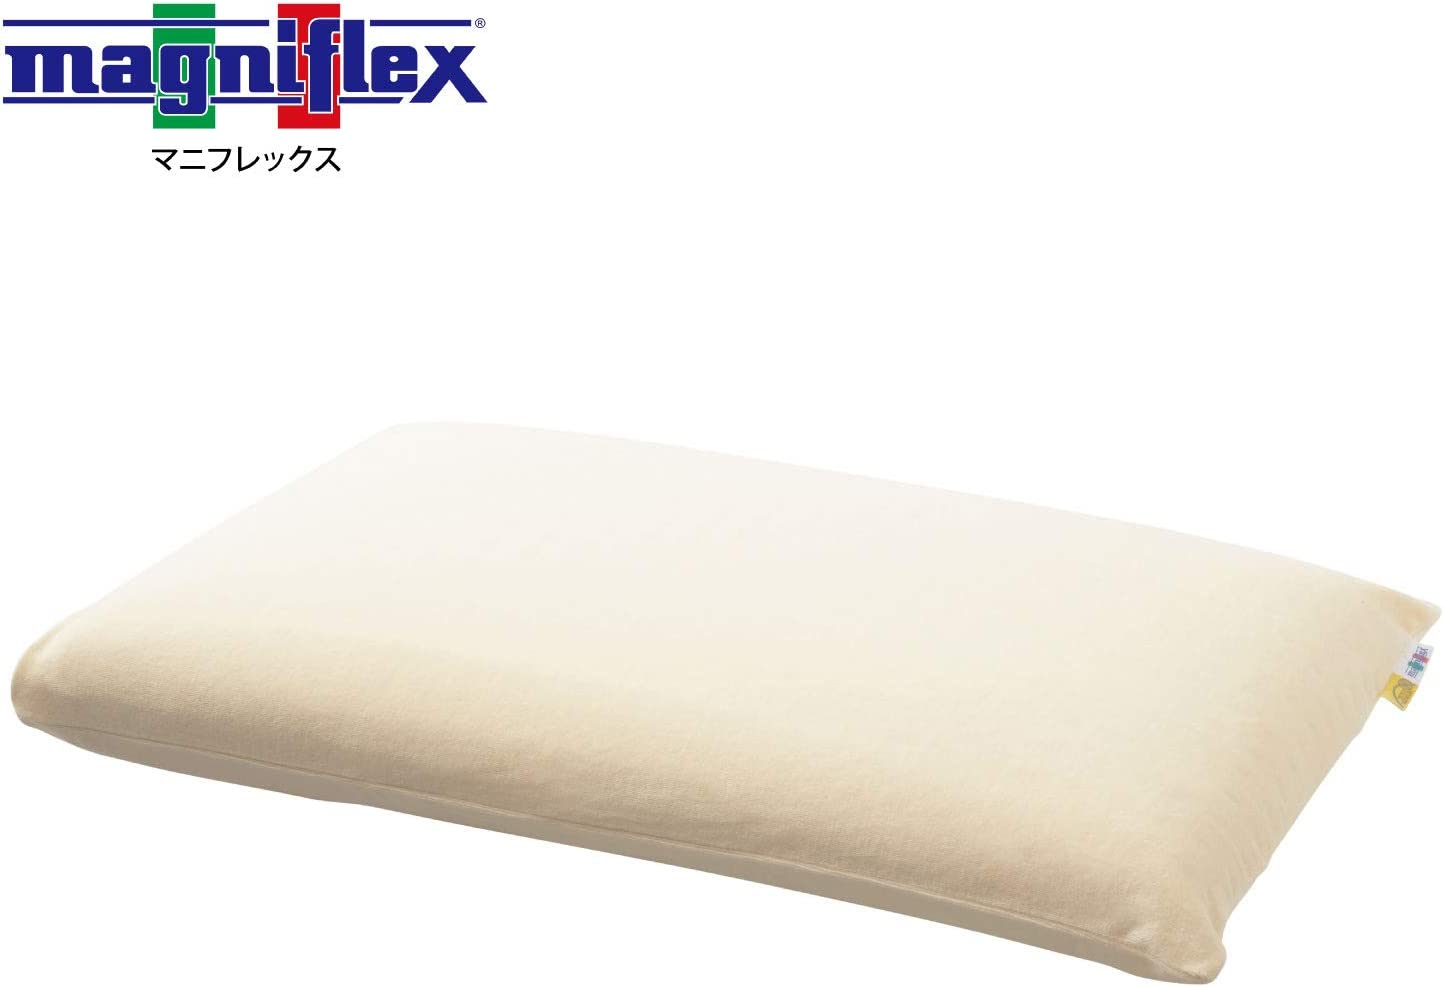 マニフレックス 高反発枕 ピロー グランデ